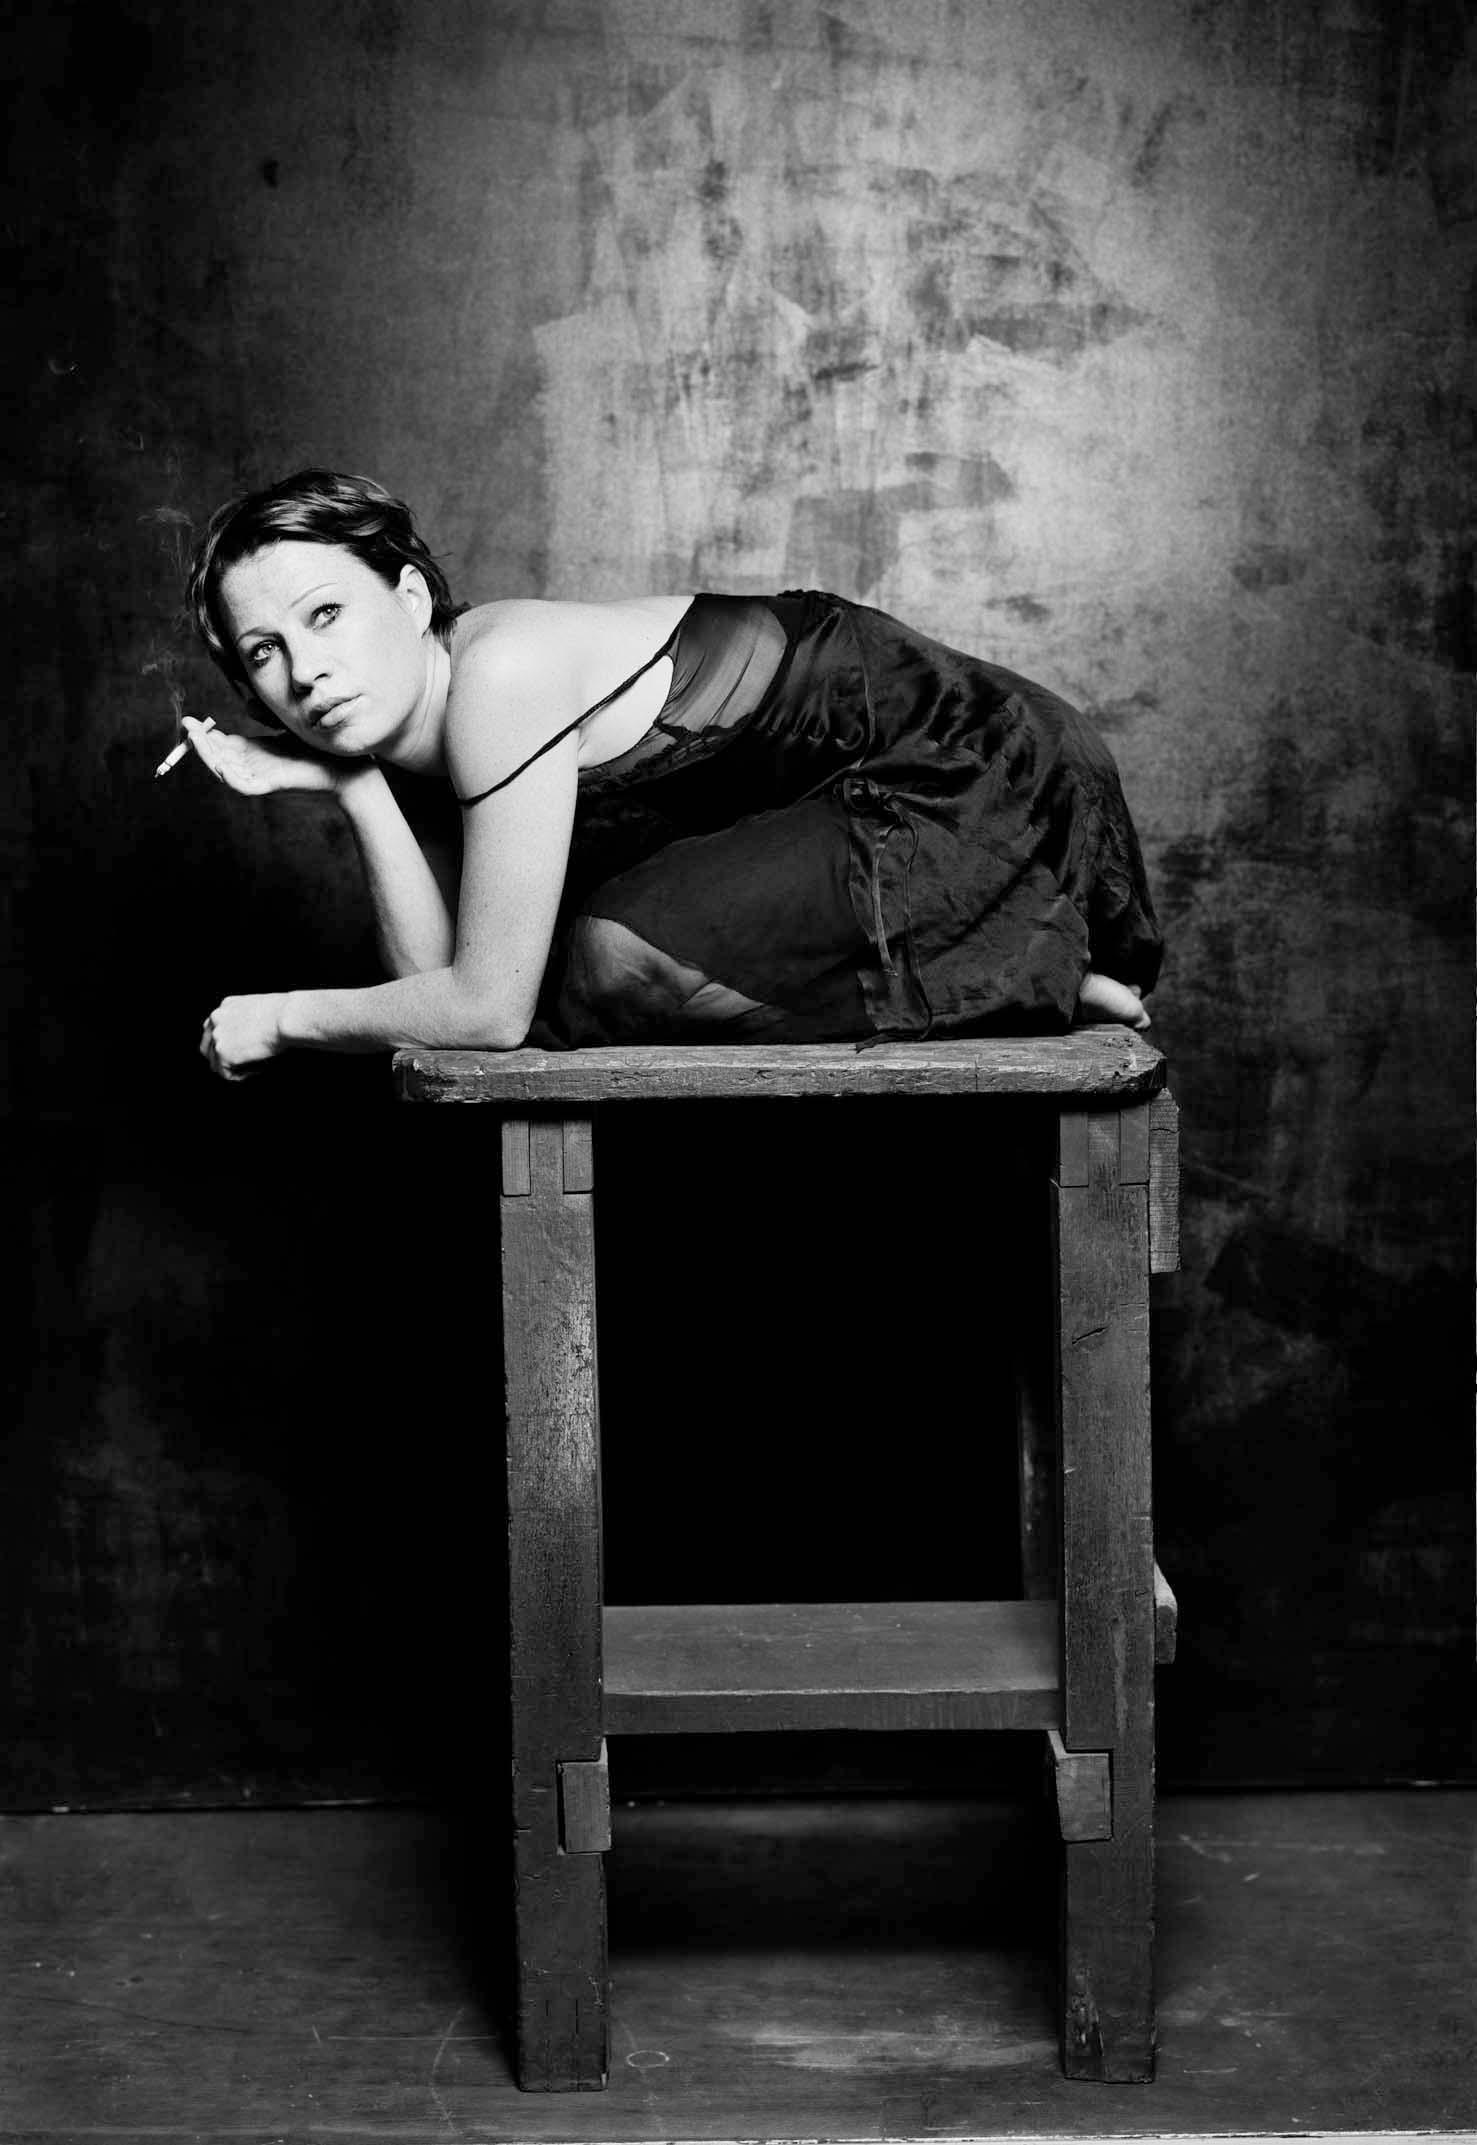 Positivbeispiel und Vorbild: Birgit Minichmayr fotografiert von Jim Rakete. Leider in keinem der Spielzeithefte zu finden.